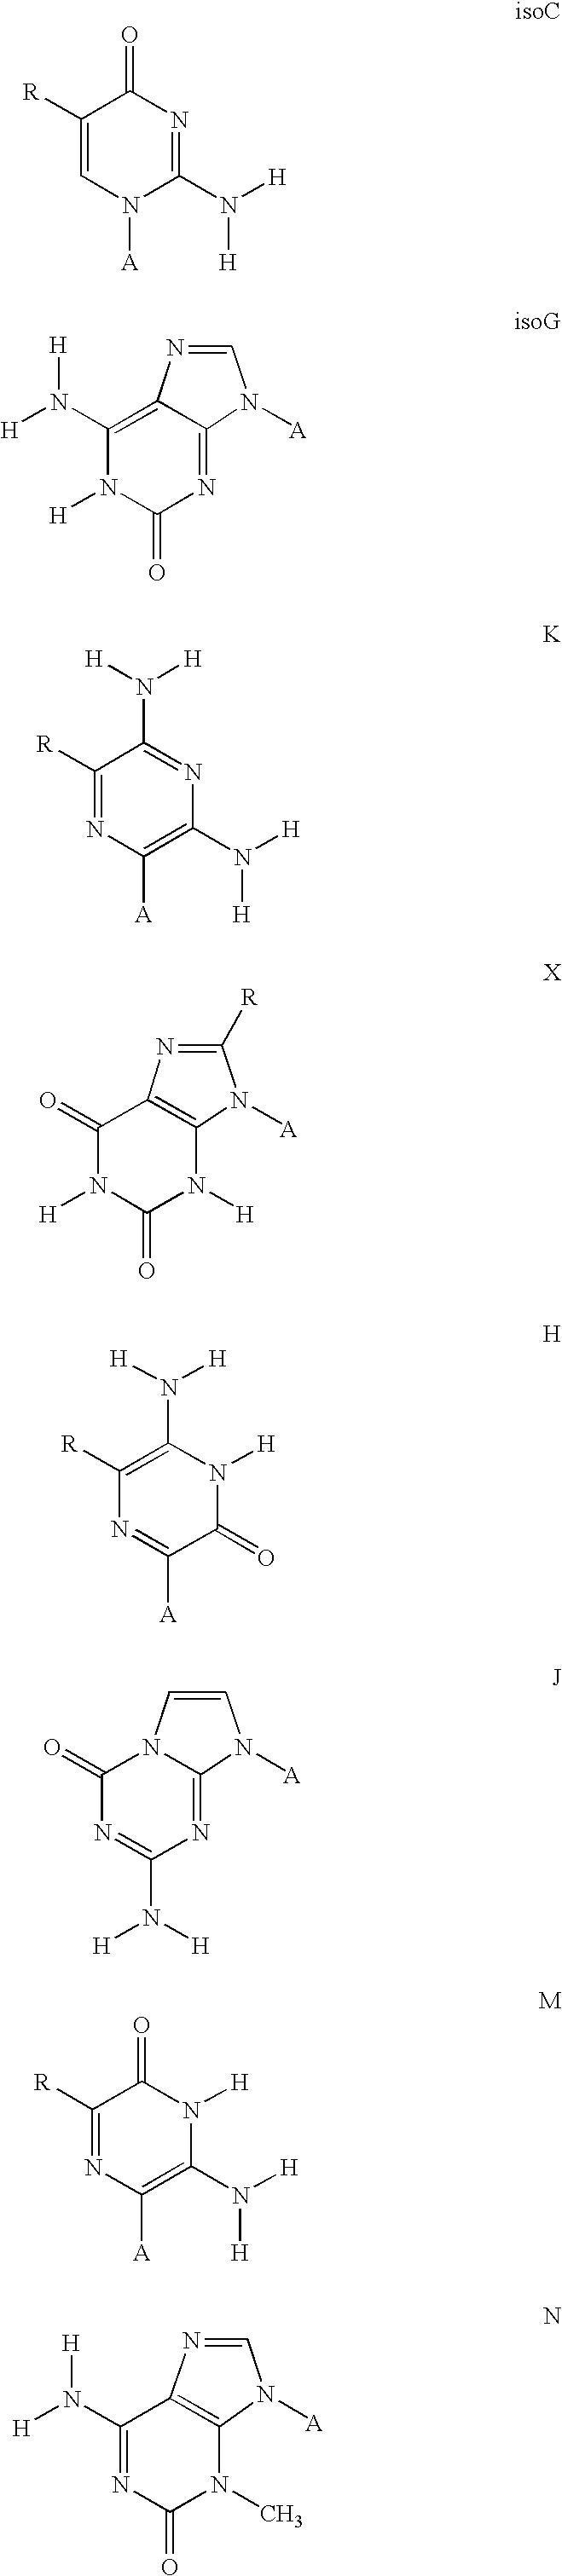 Figure US07541147-20090602-C00001